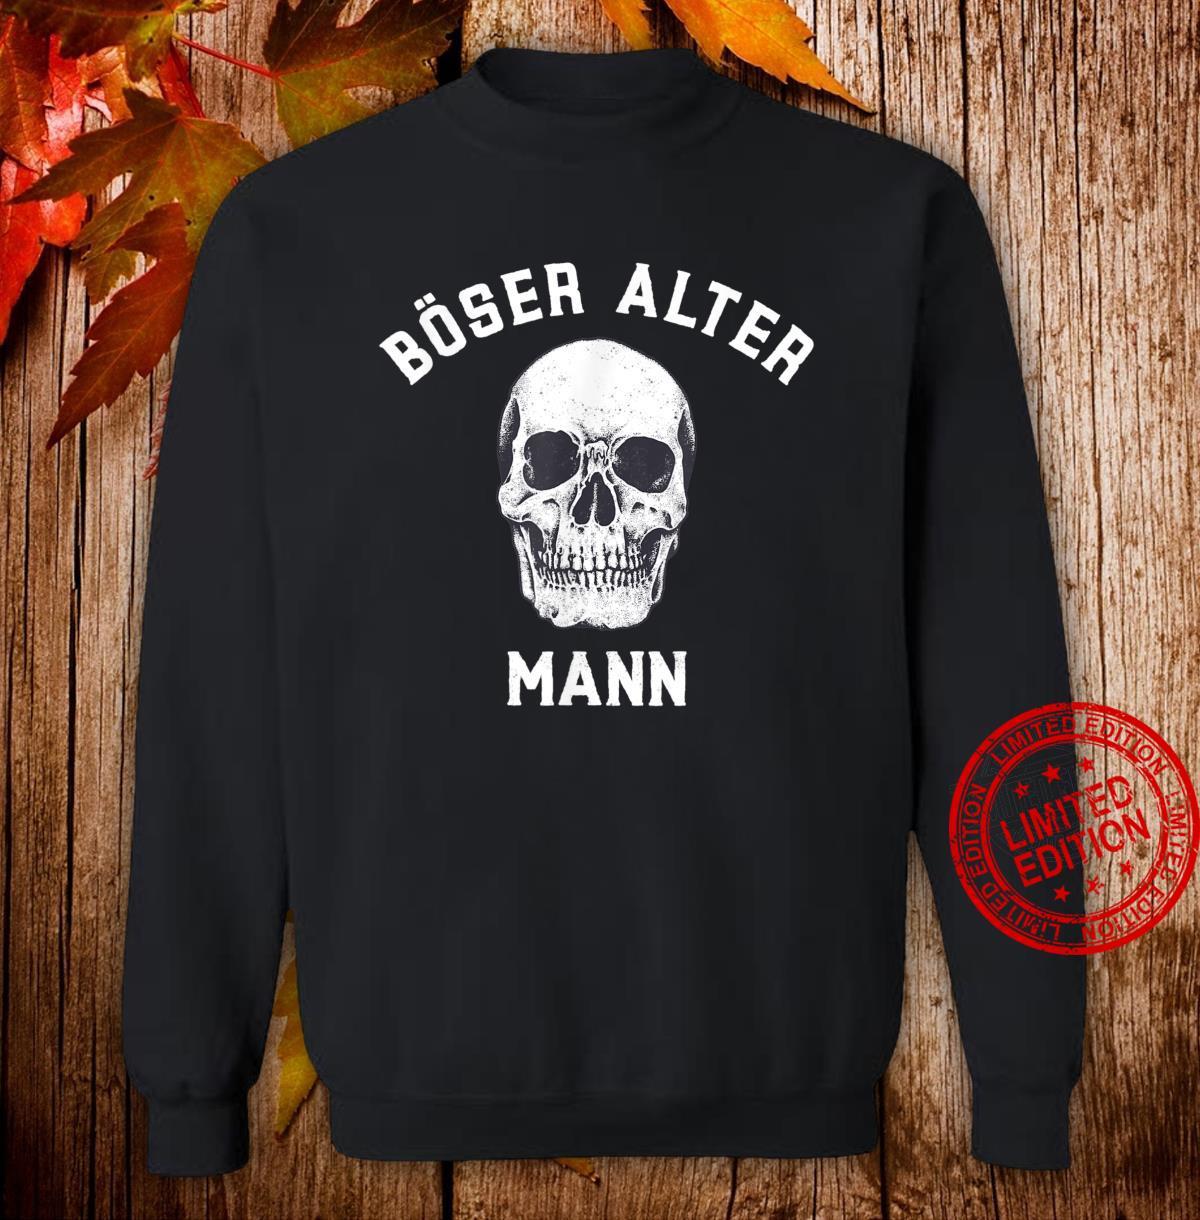 Alt Totenkopf Opa Vater Großvater Böser alter Mann Shirt sweater